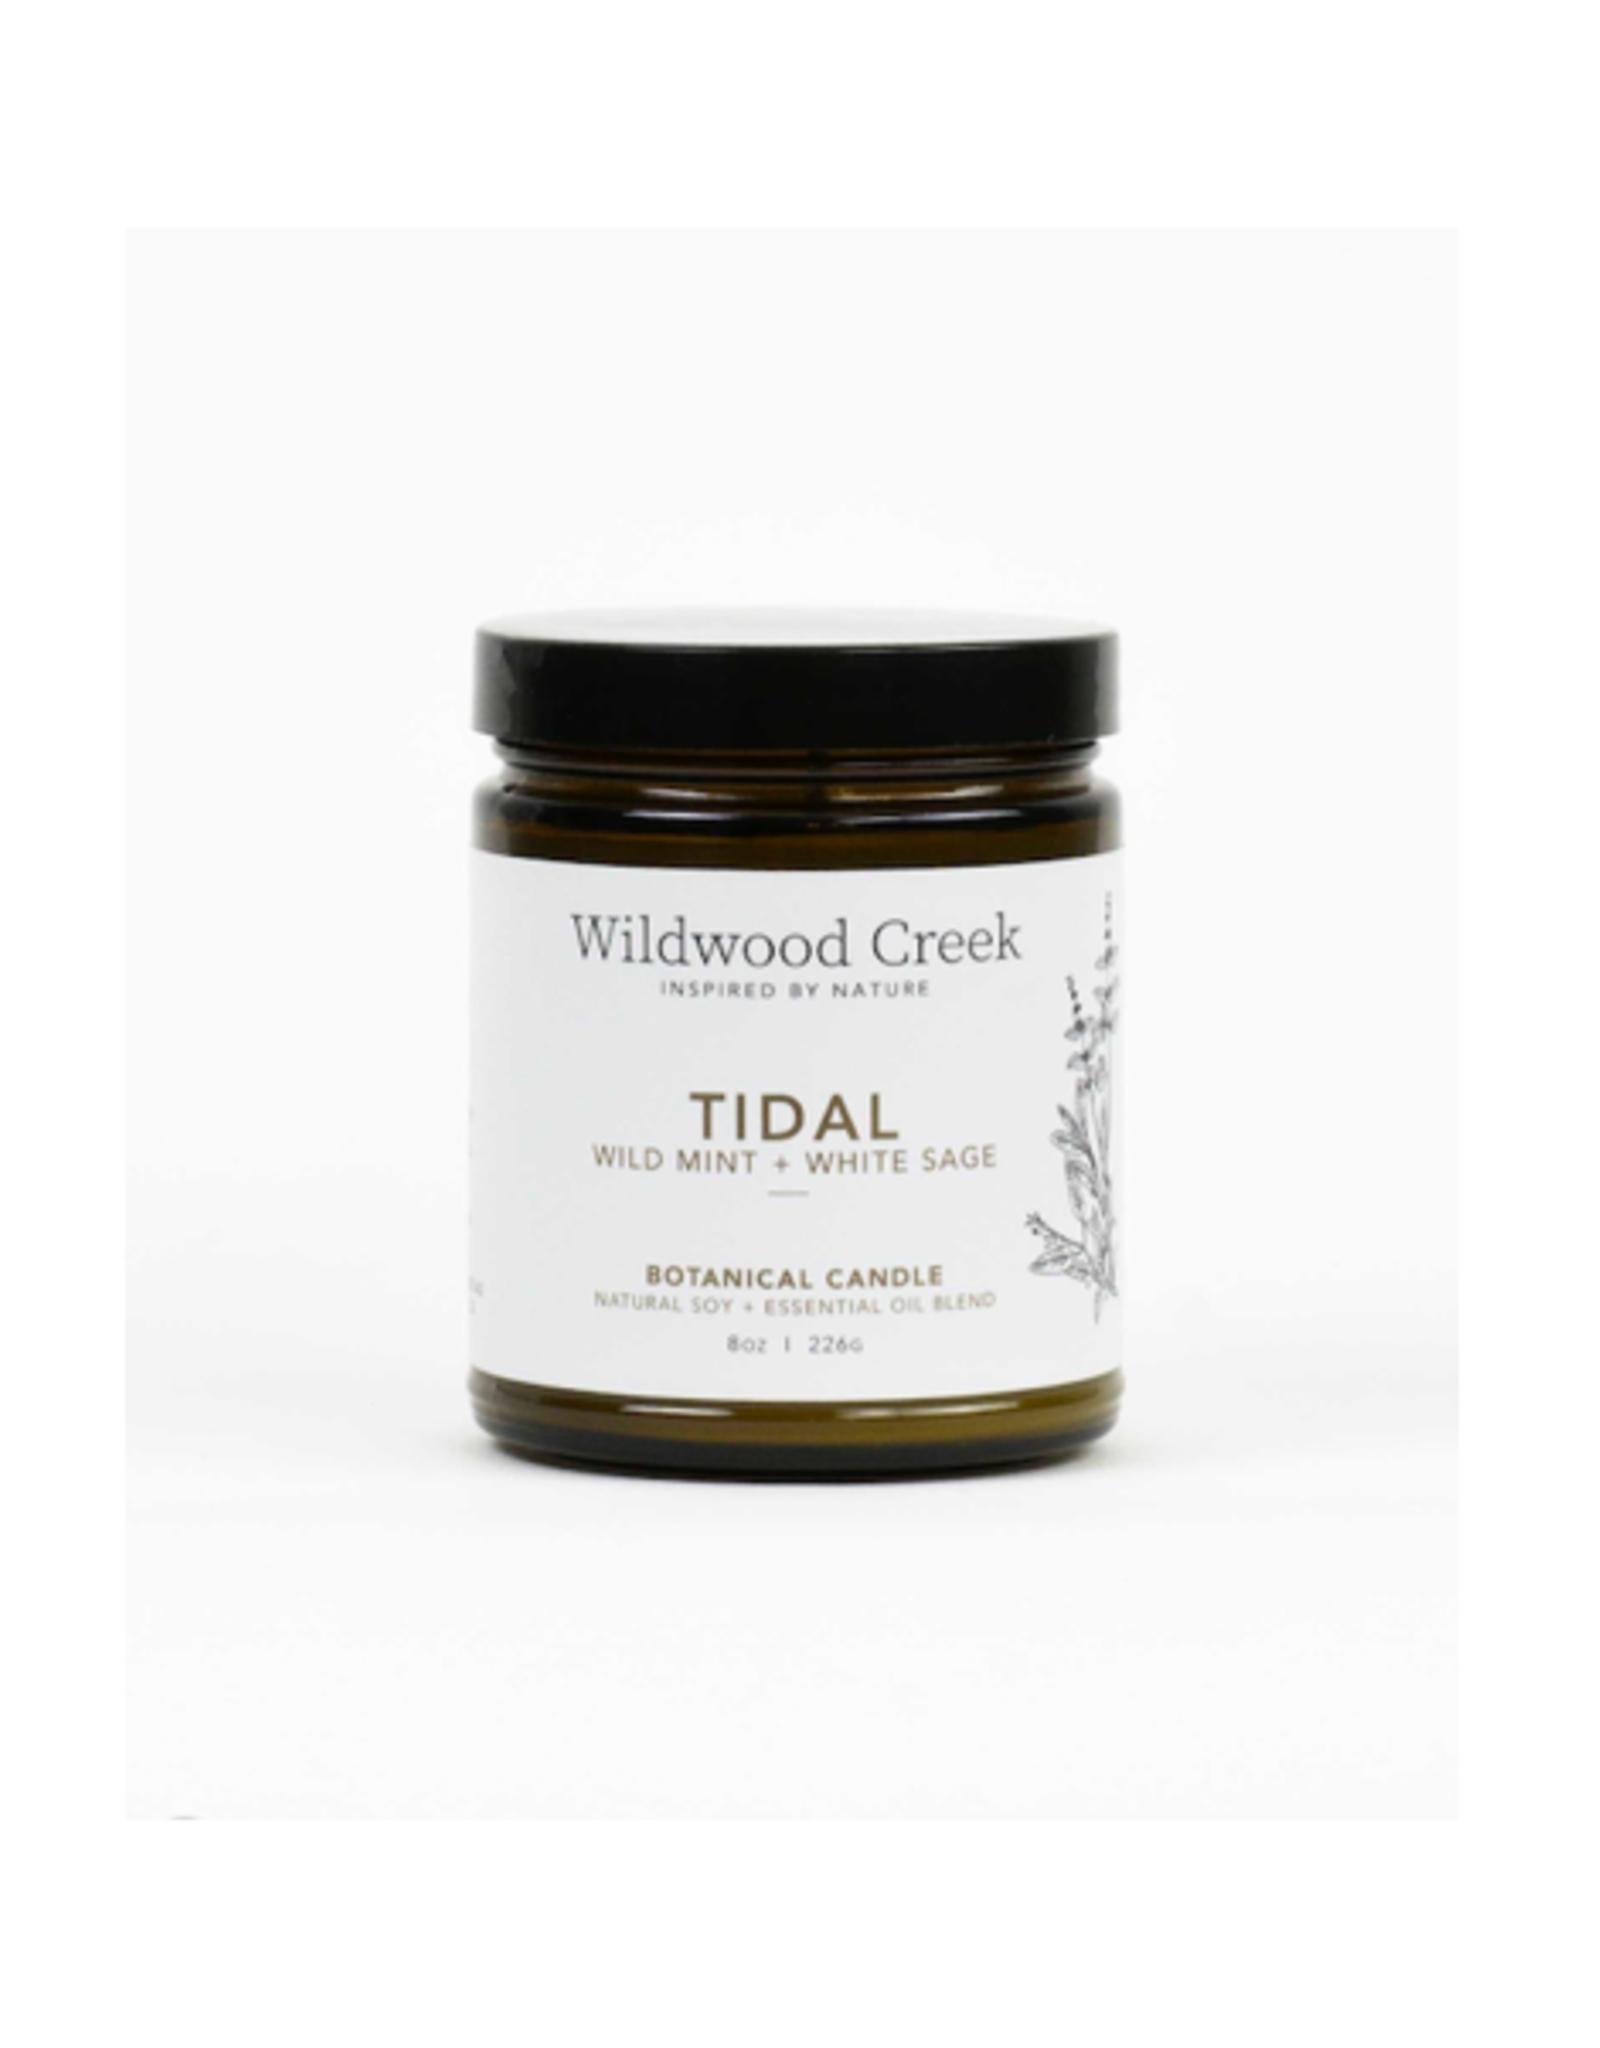 Wildwood Creek - Soy Candle/Tidal, 8oz